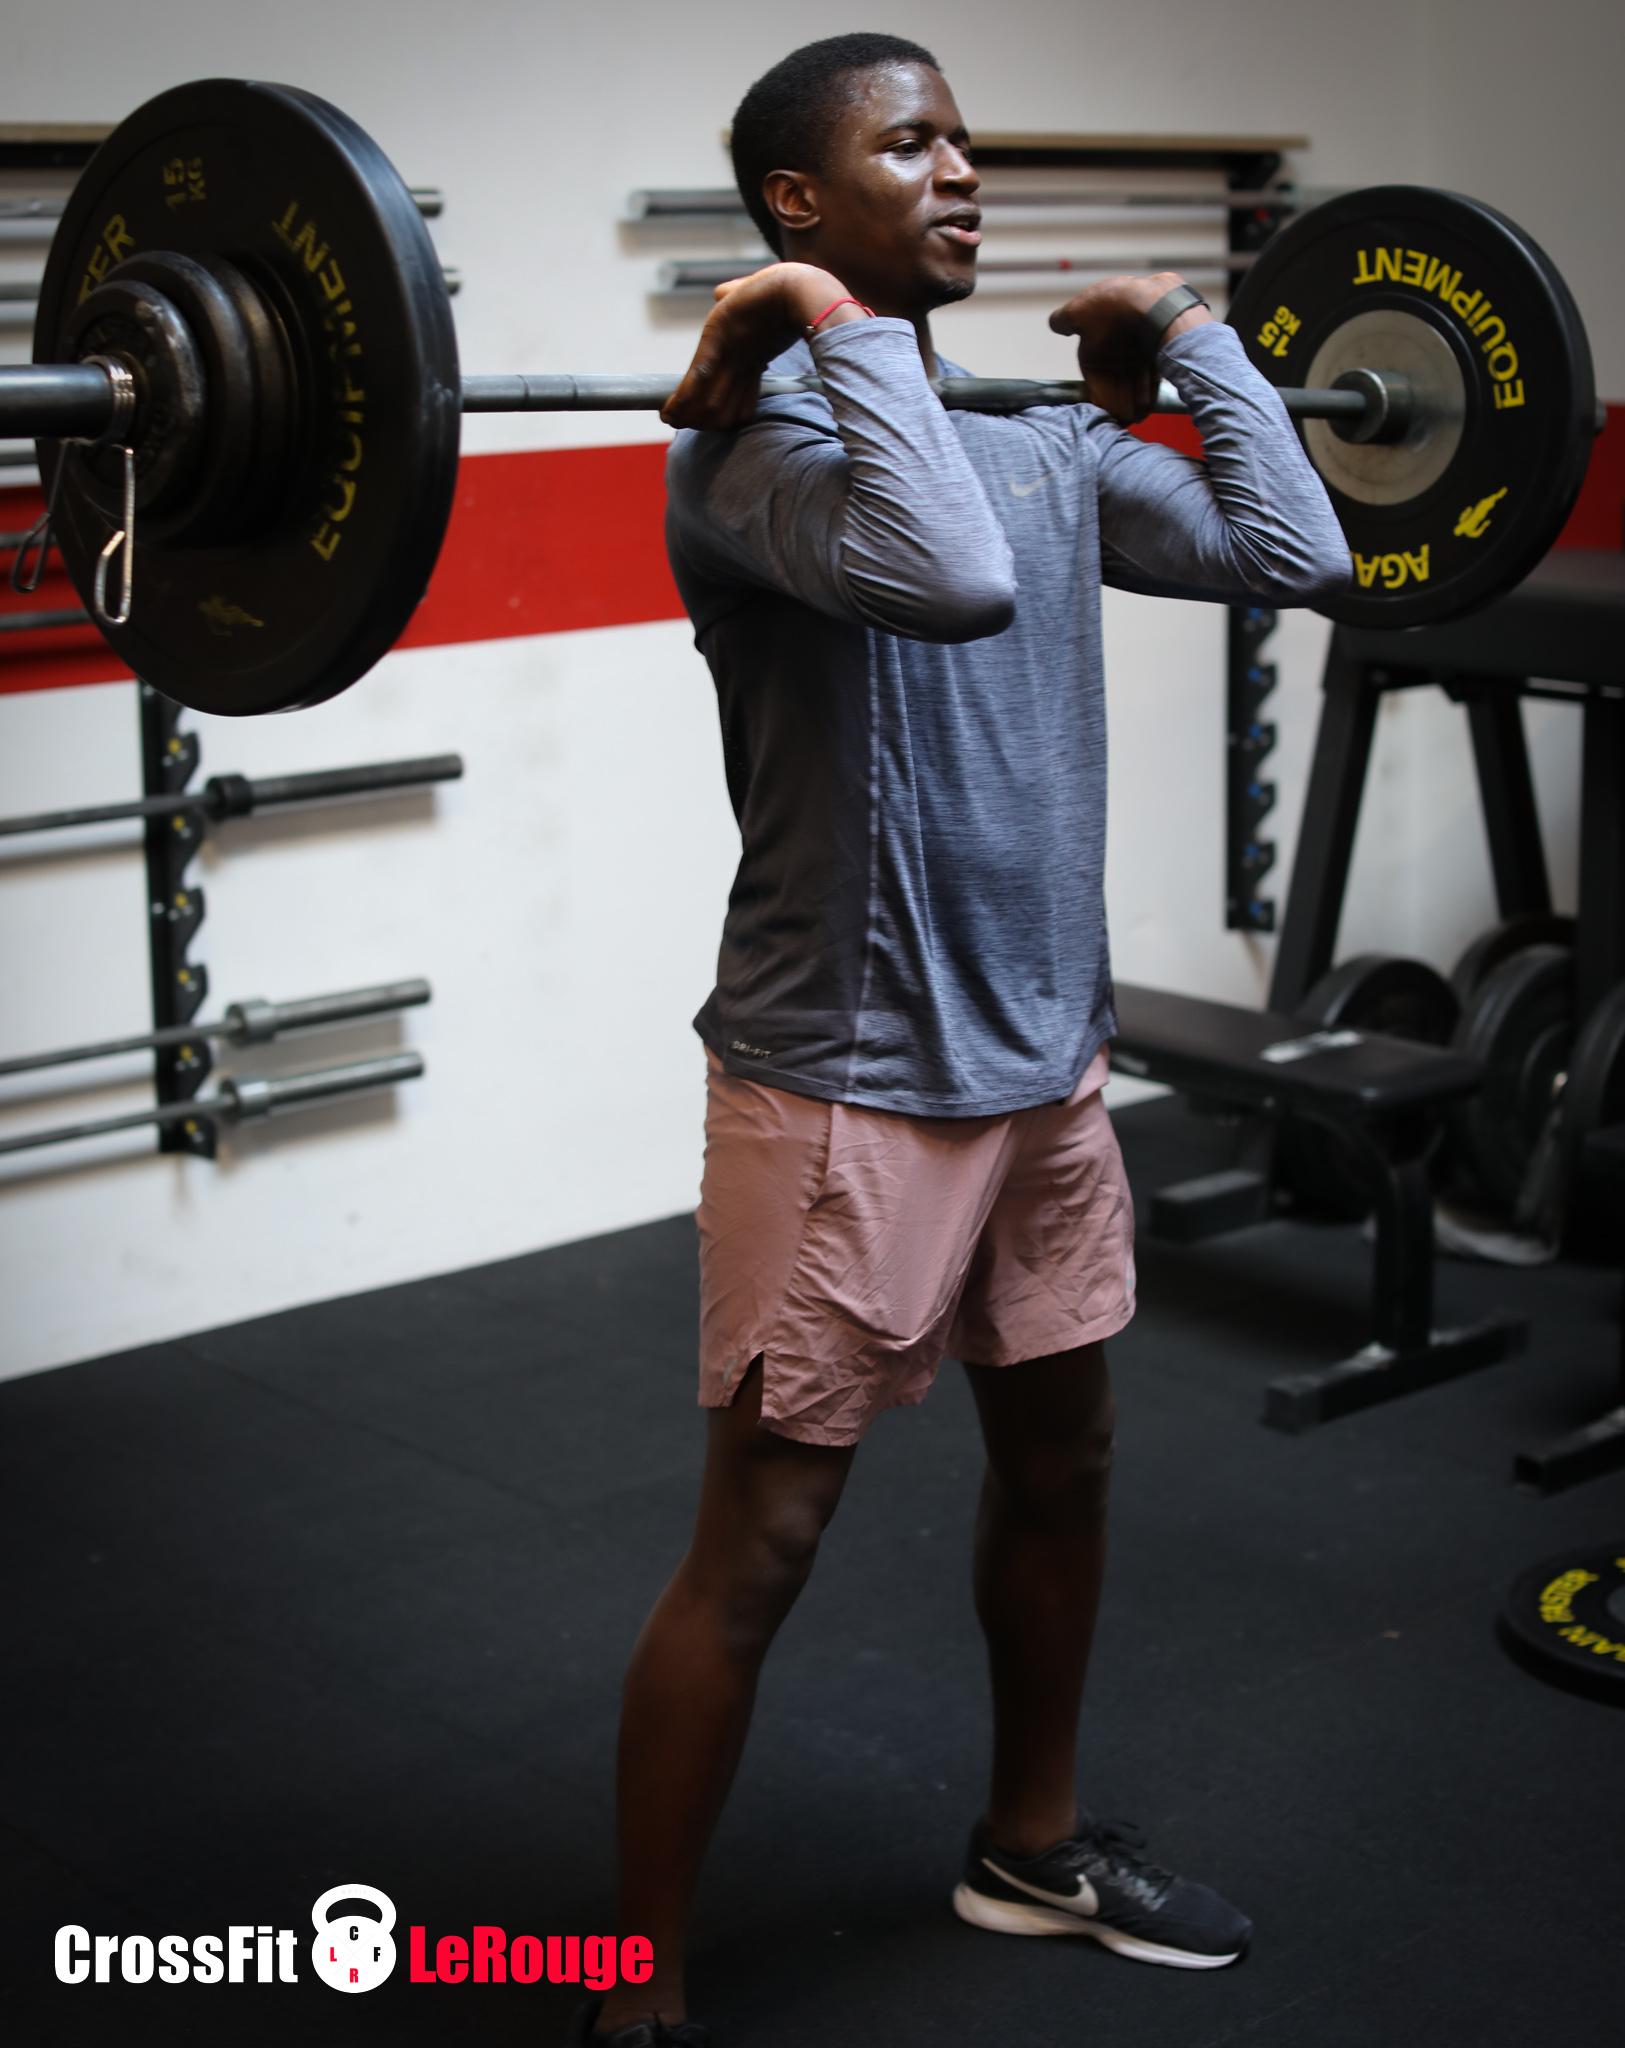 CrossFit WOD weightlifting power clean toestobar